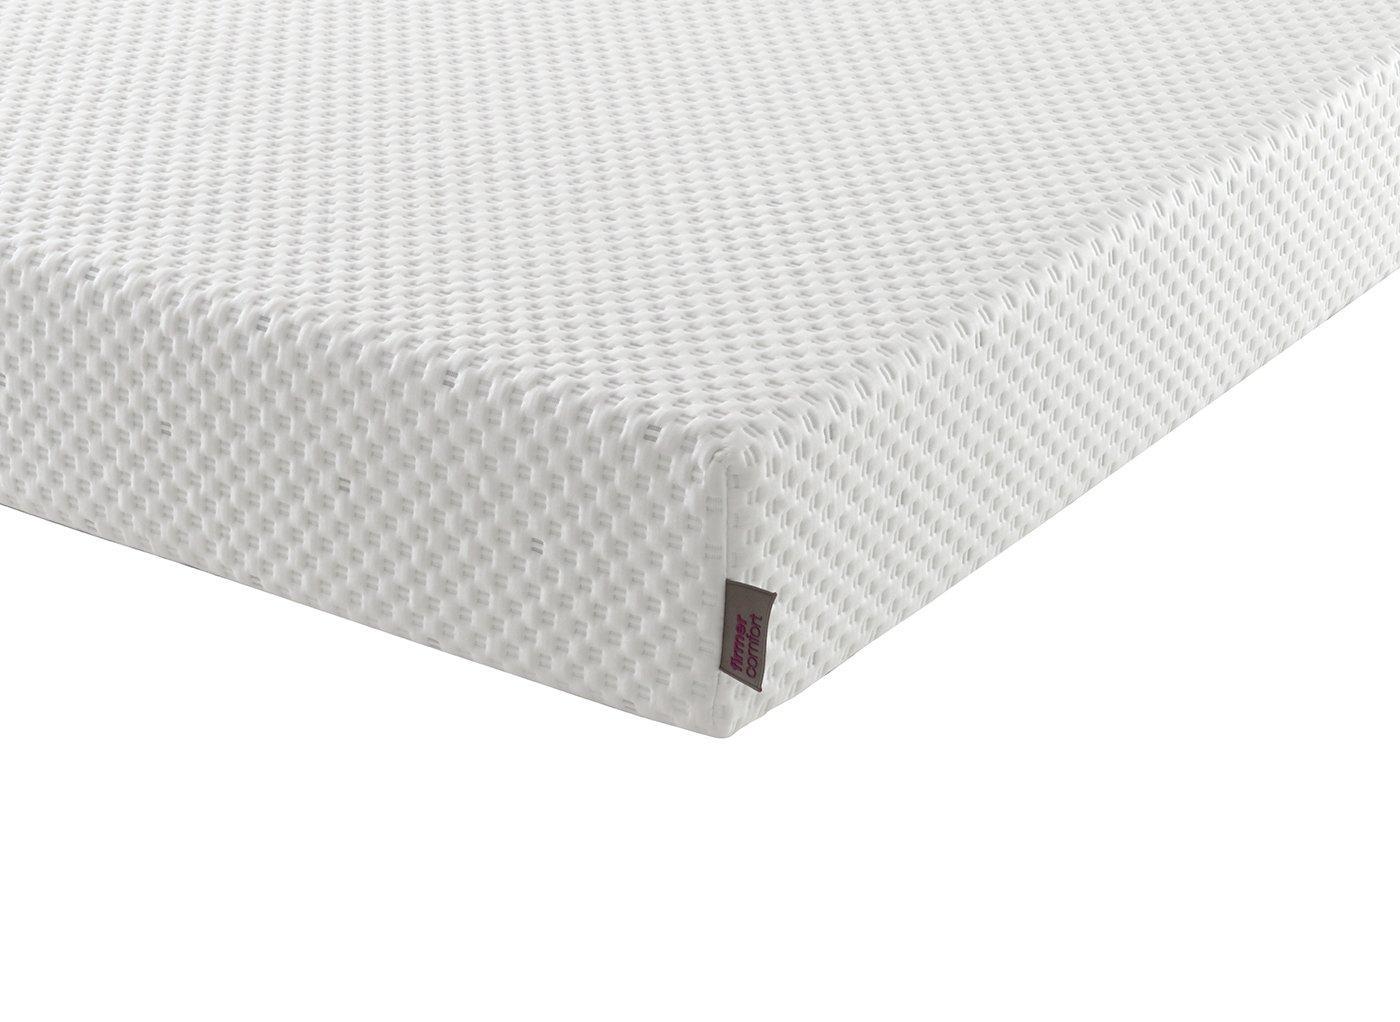 studio-by-silentnight-rolled-firm-mattress